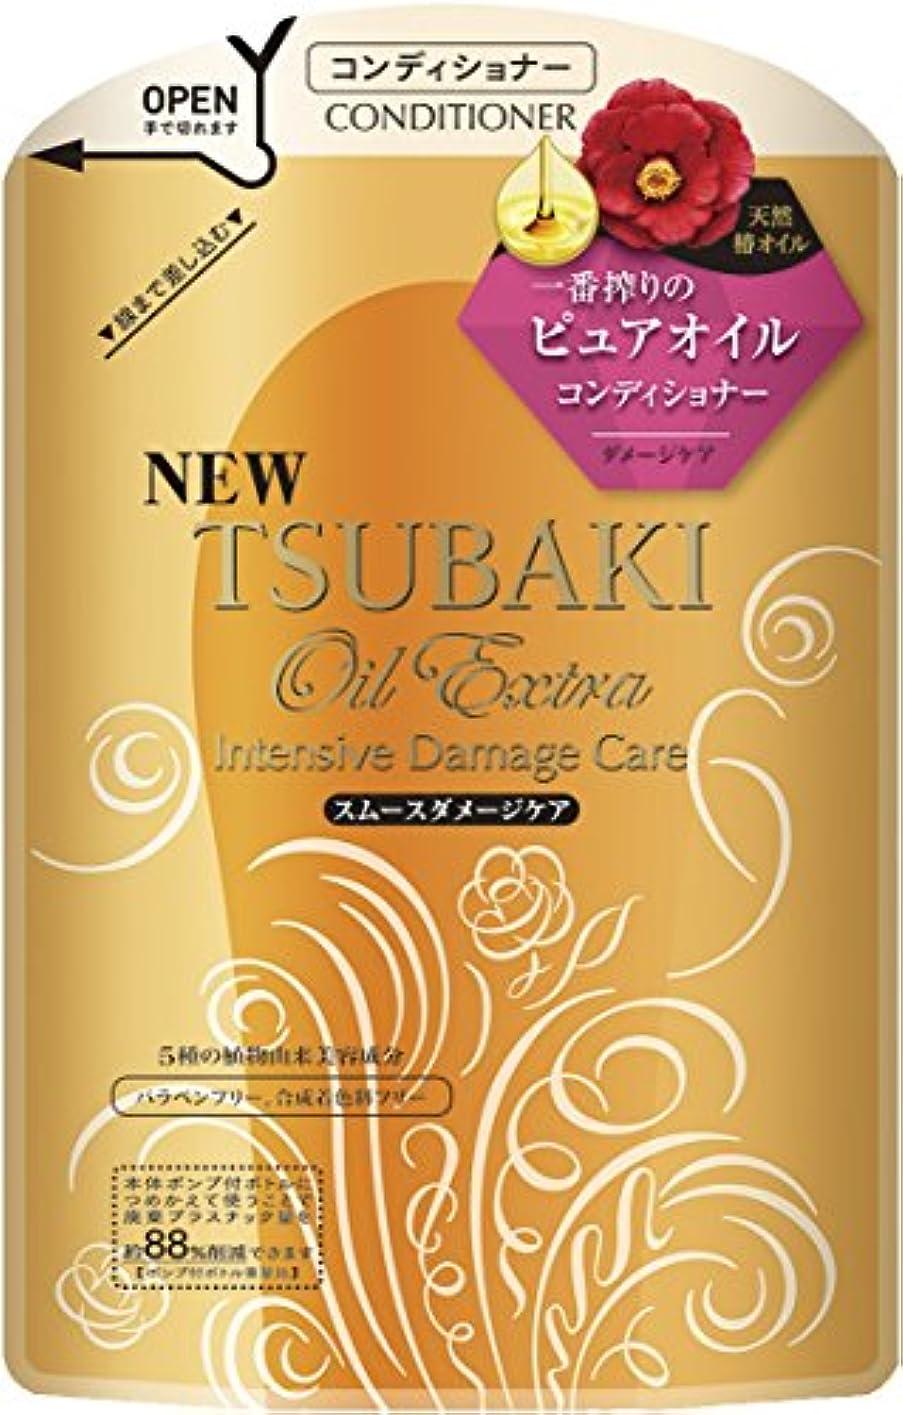 男やもめはい冷蔵庫TSUBAKI オイルエクストラ スムースダメージケア コンディショナー 詰め替え用 (からまりやすい髪用) 330ml